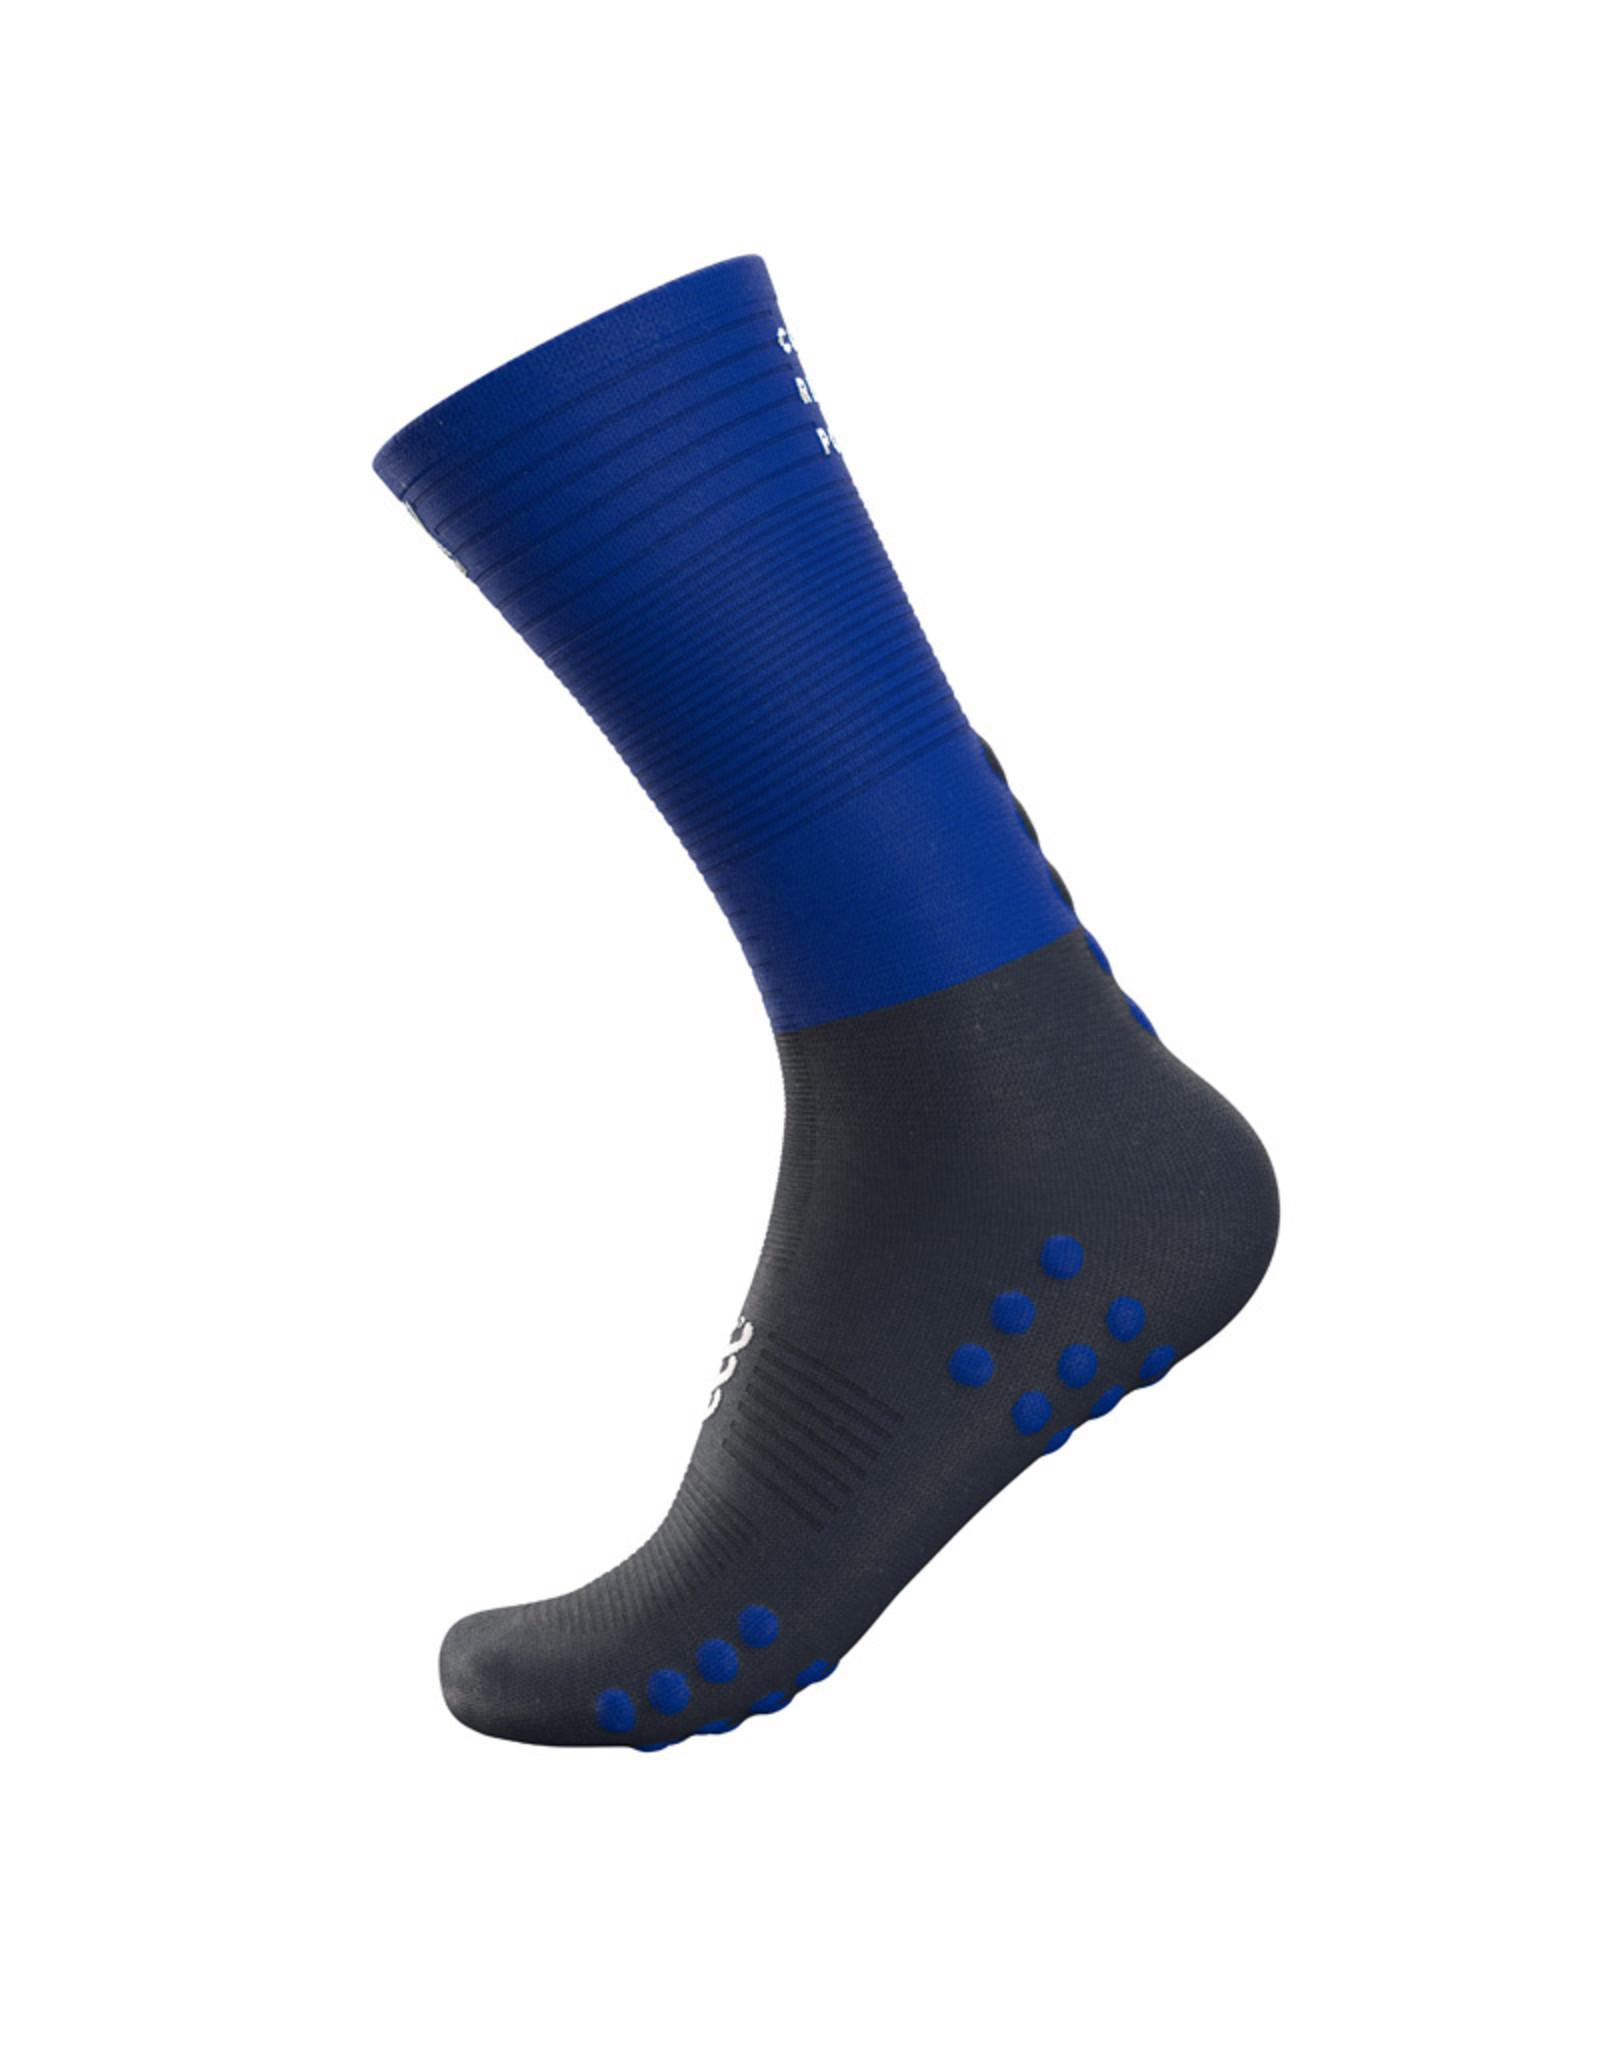 Compressport Mid Compression Socks - Bleu